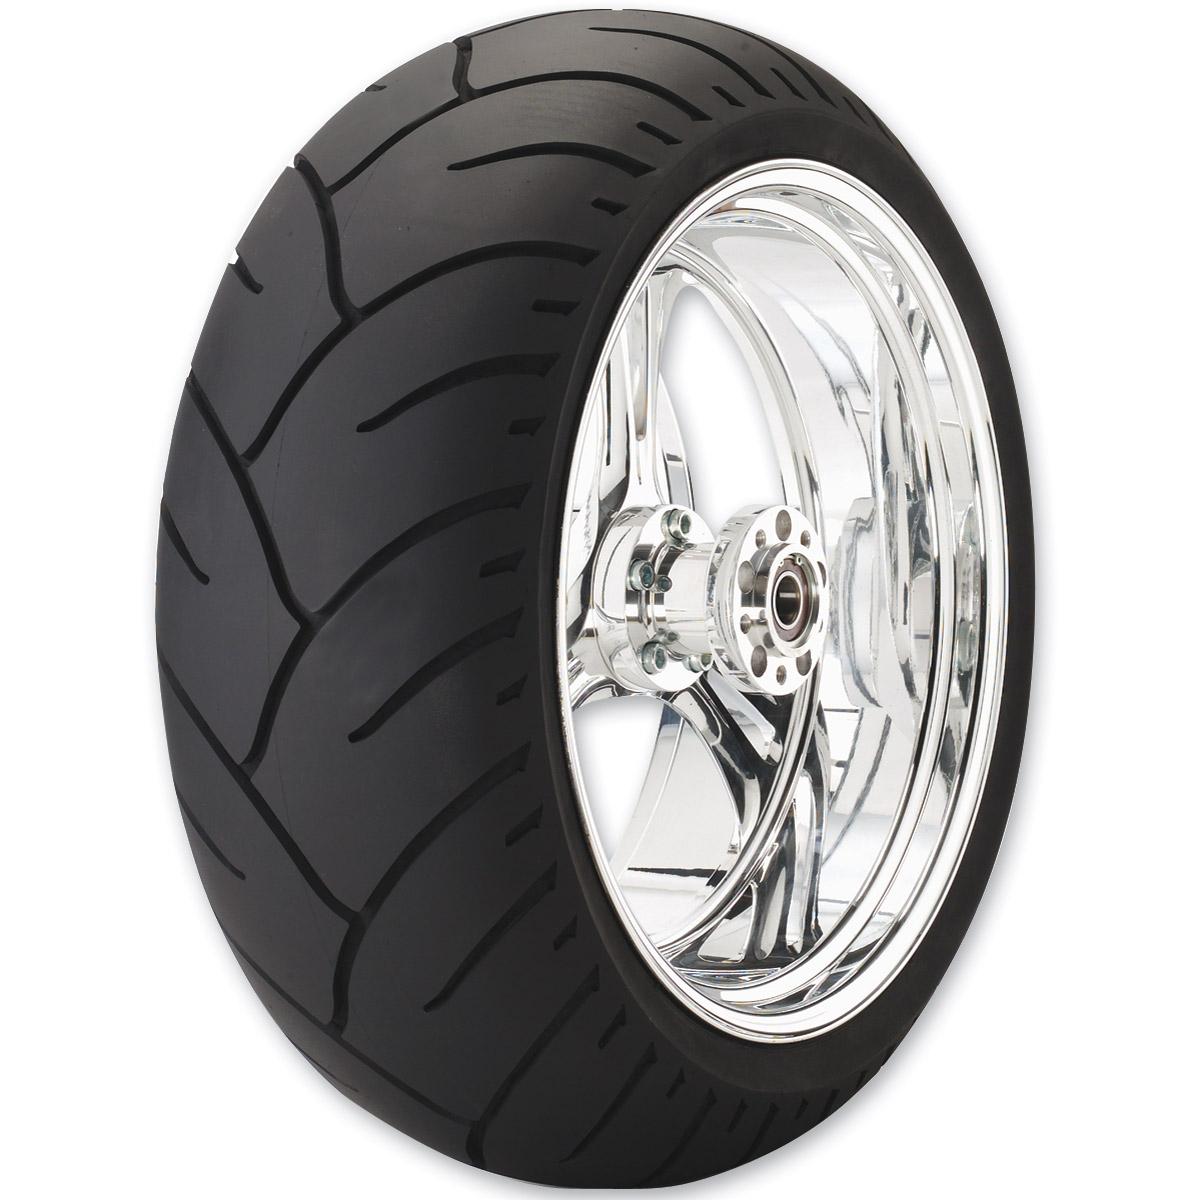 Dunlop Elite 3 240 40r18 Rear Tire 45091919 Jpcycles Com